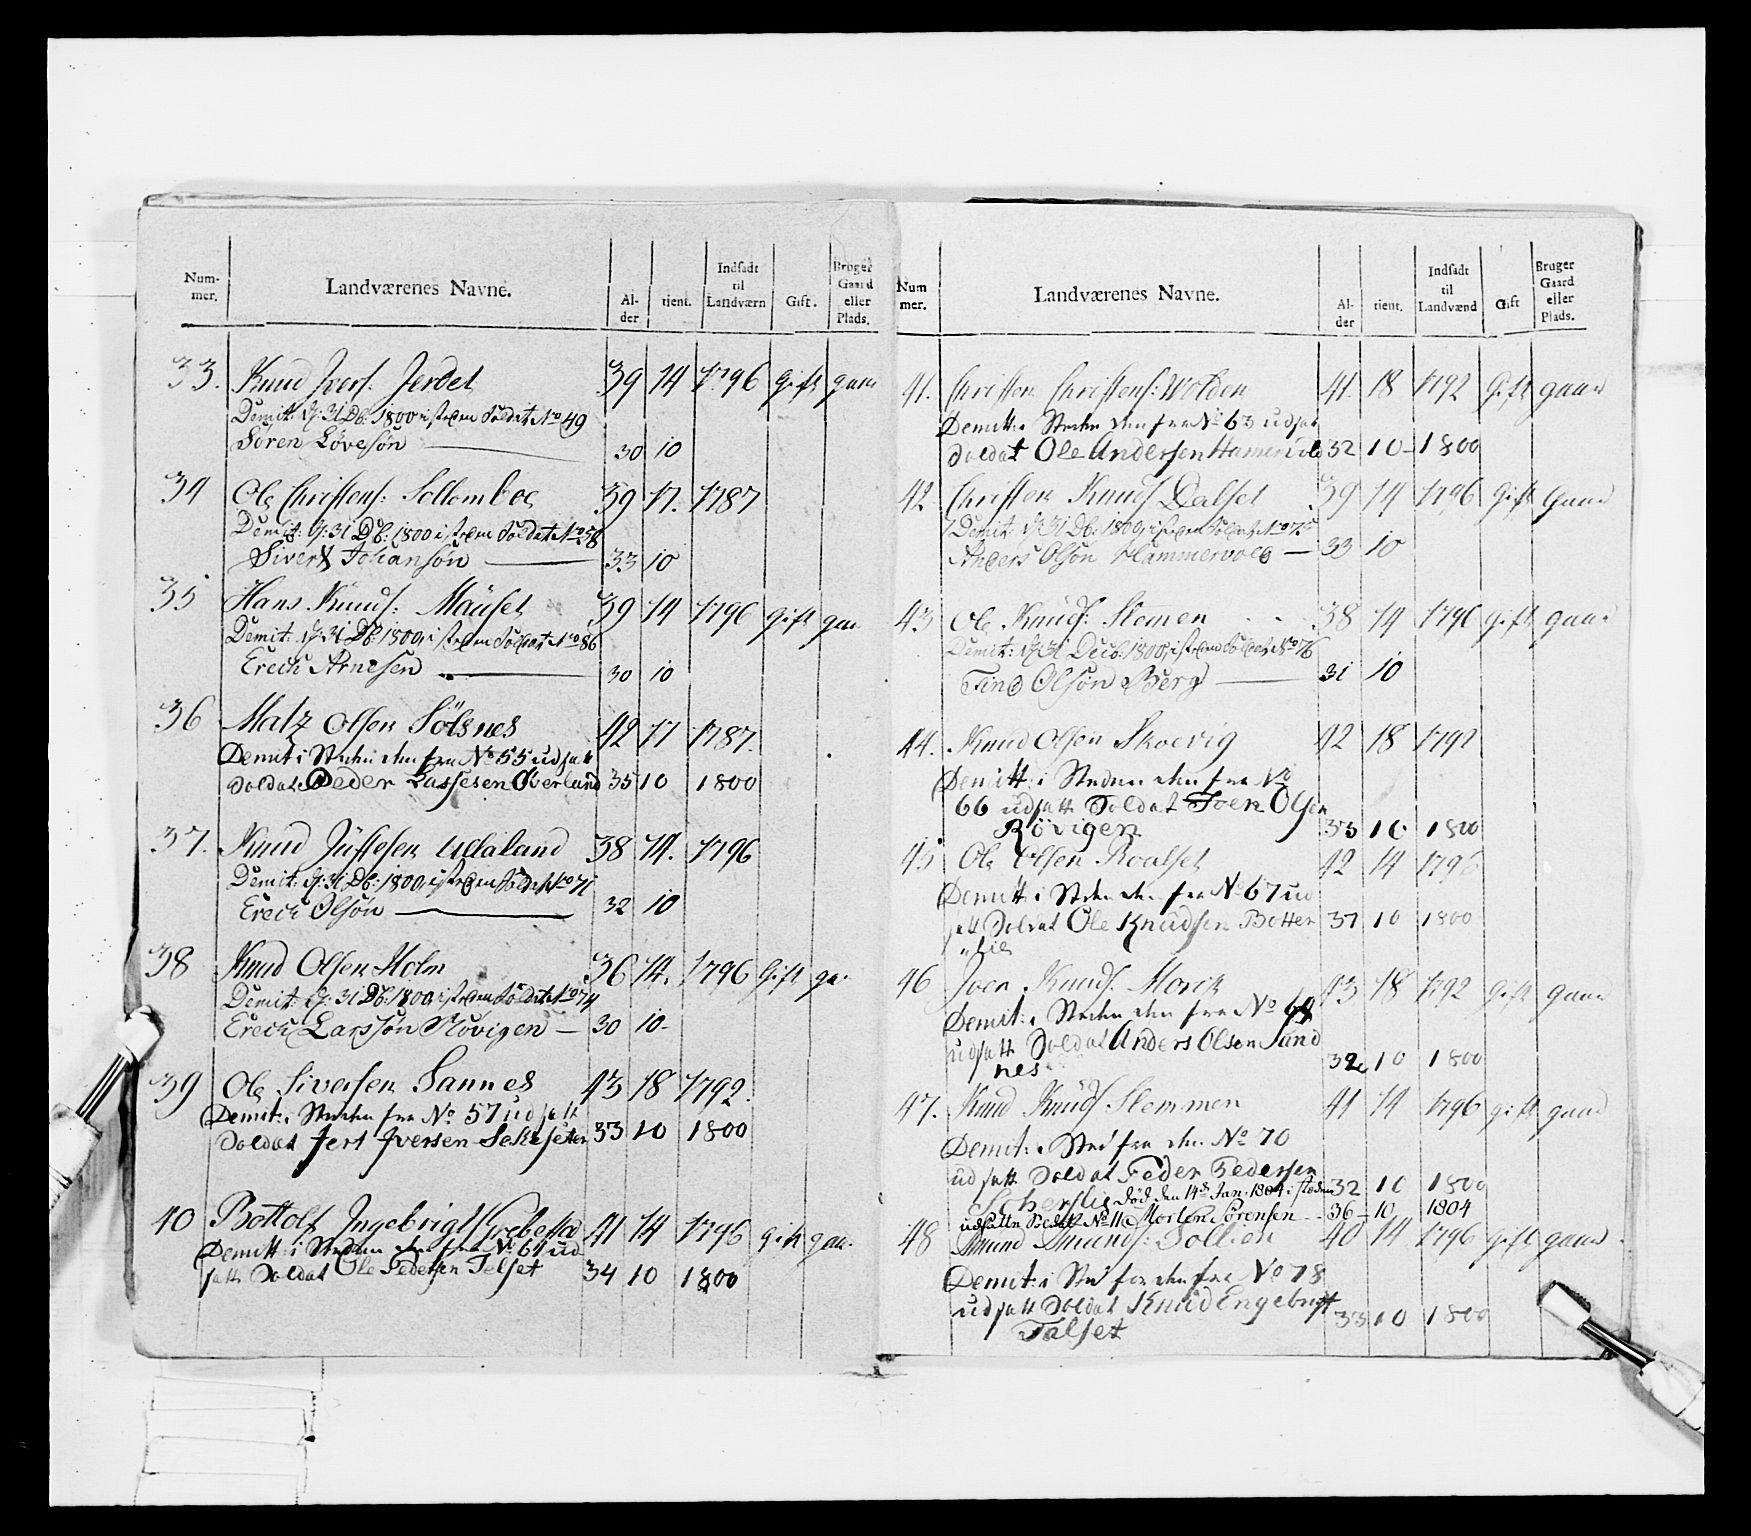 RA, Generalitets- og kommissariatskollegiet, Det kongelige norske kommissariatskollegium, E/Eh/L0080: 2. Trondheimske nasjonale infanteriregiment, 1792-1800, s. 171